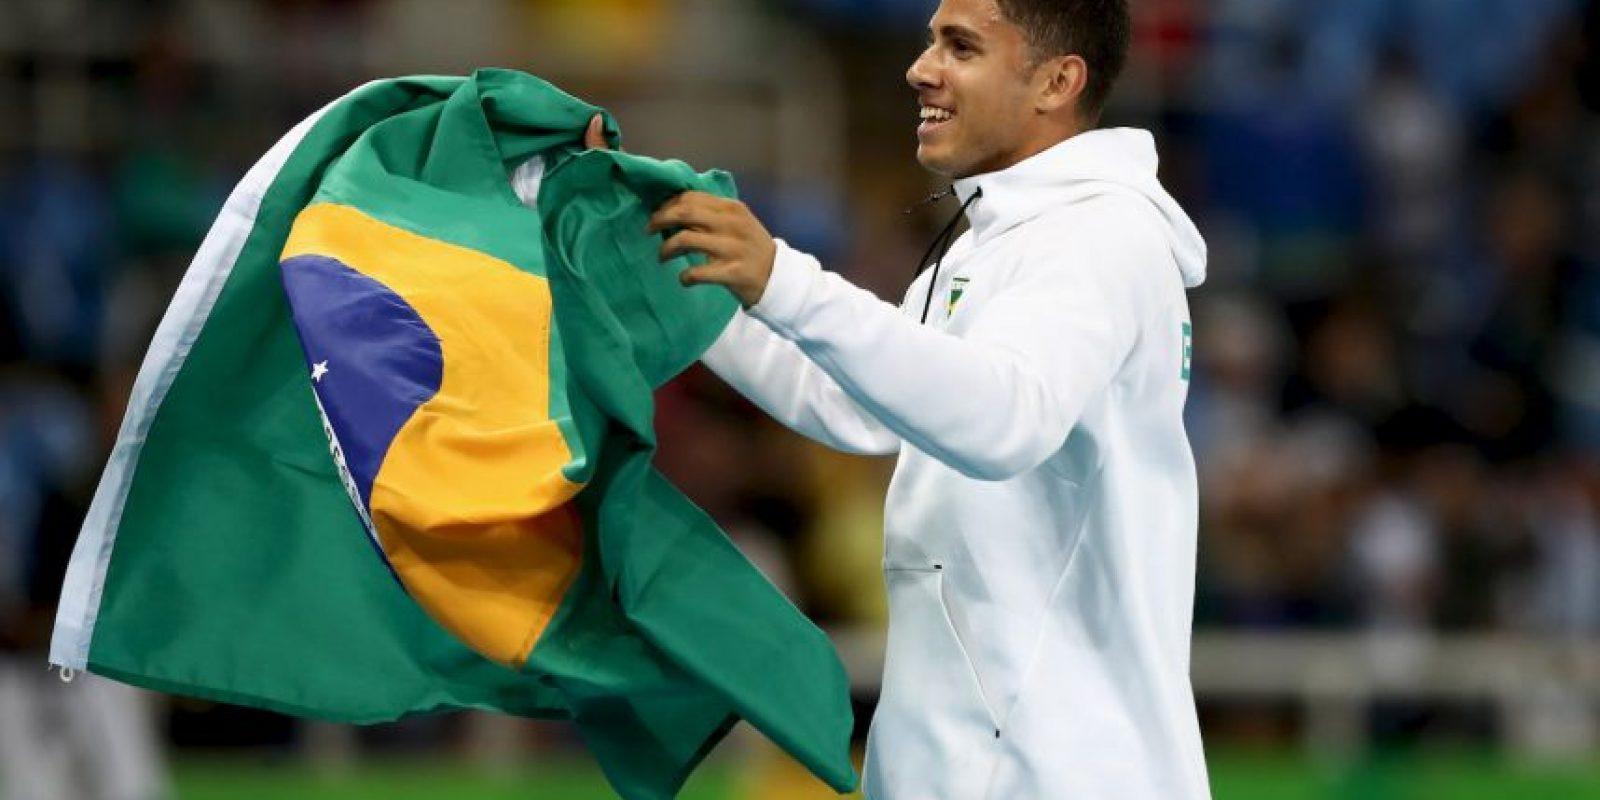 Aparece en el puesto 15 del medallero con tres oros, cuatro platas y el mismo número de bronces Foto:Getty Images